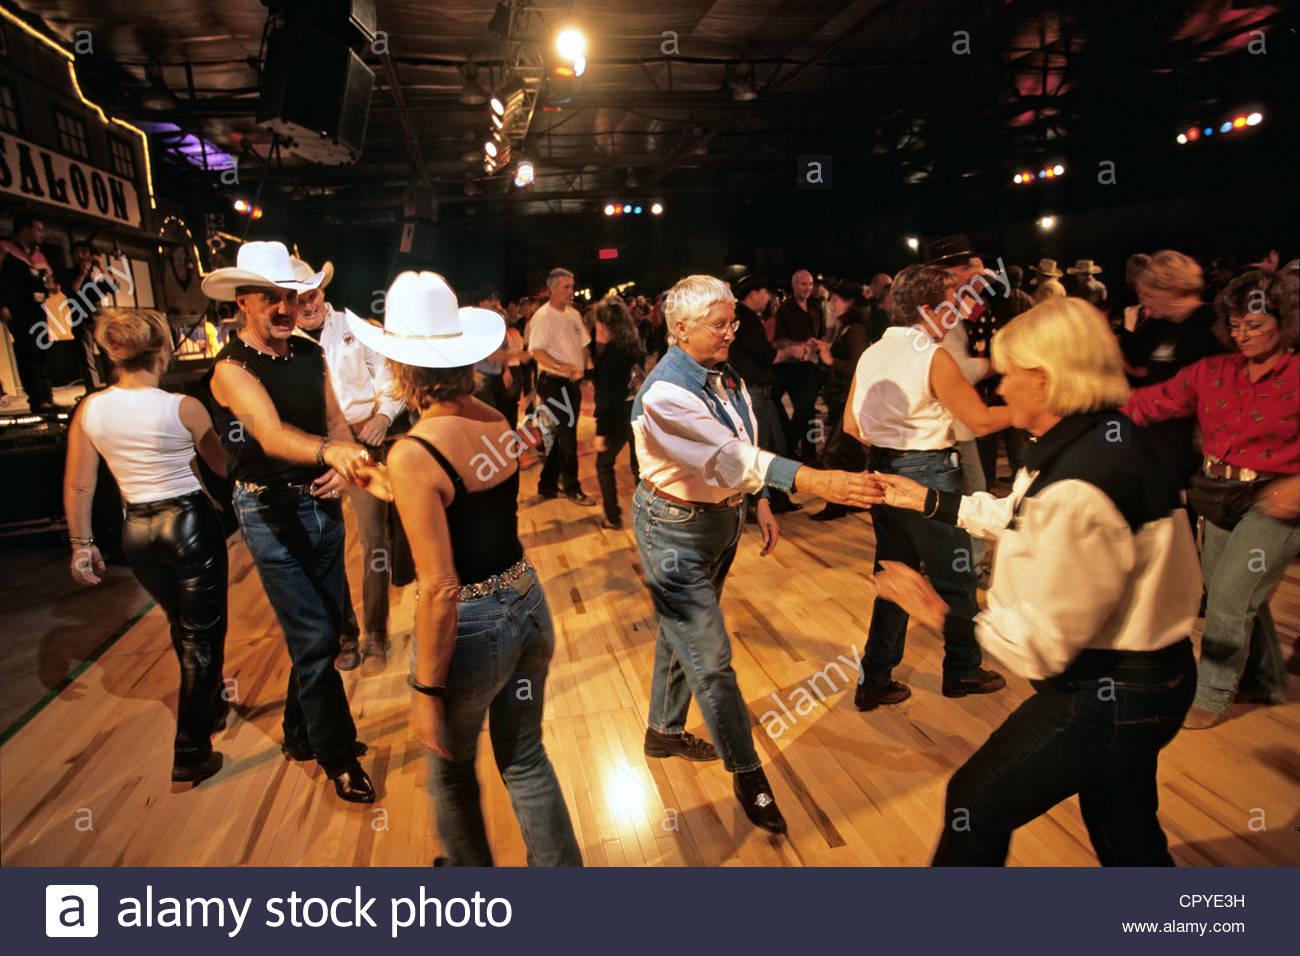 Line Dancing - Section III